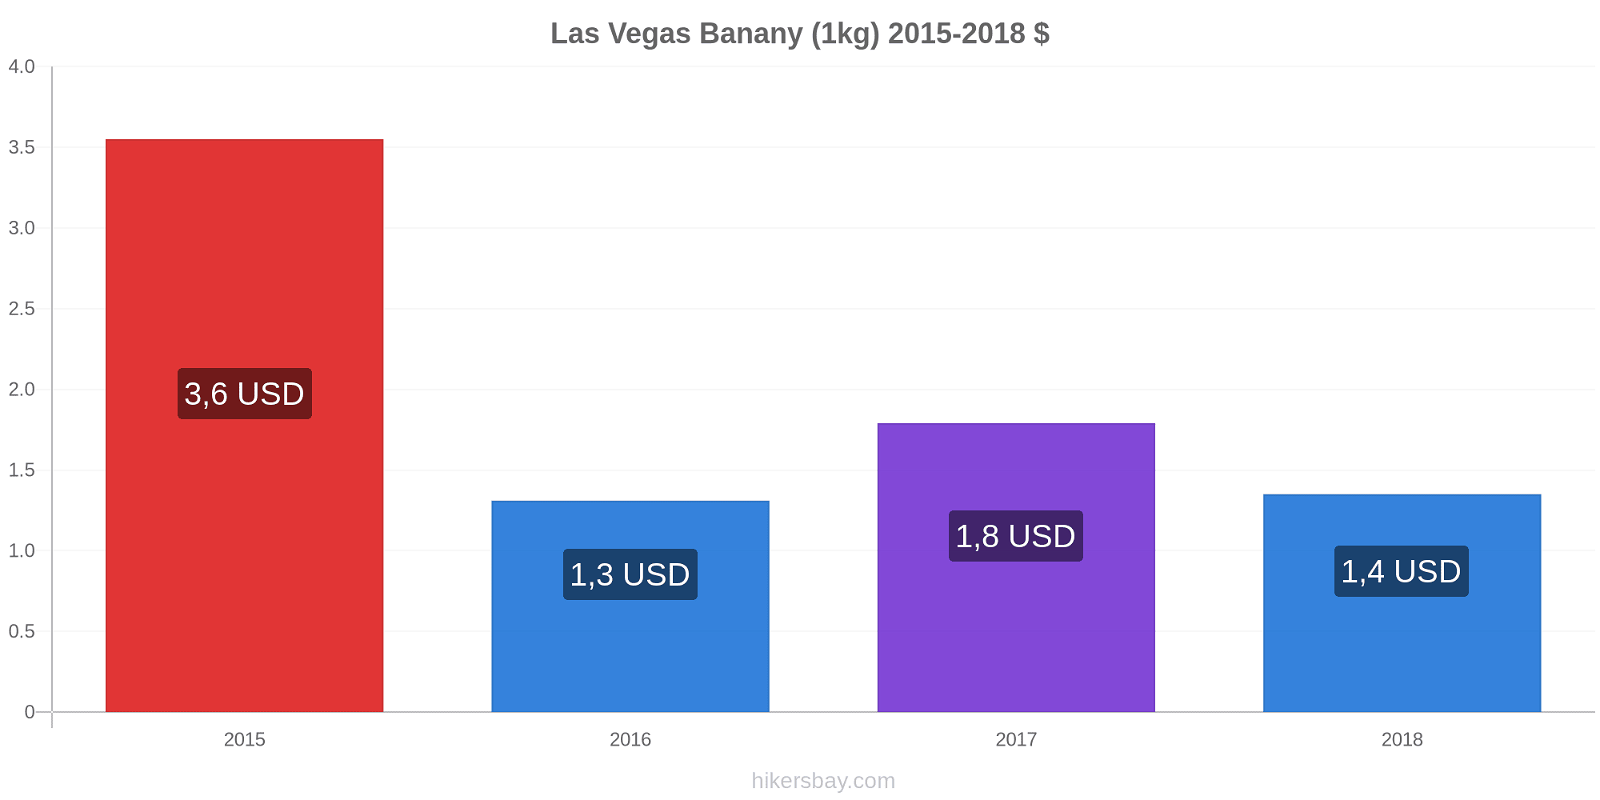 Las Vegas zmiany cen Banany (1kg) hikersbay.com